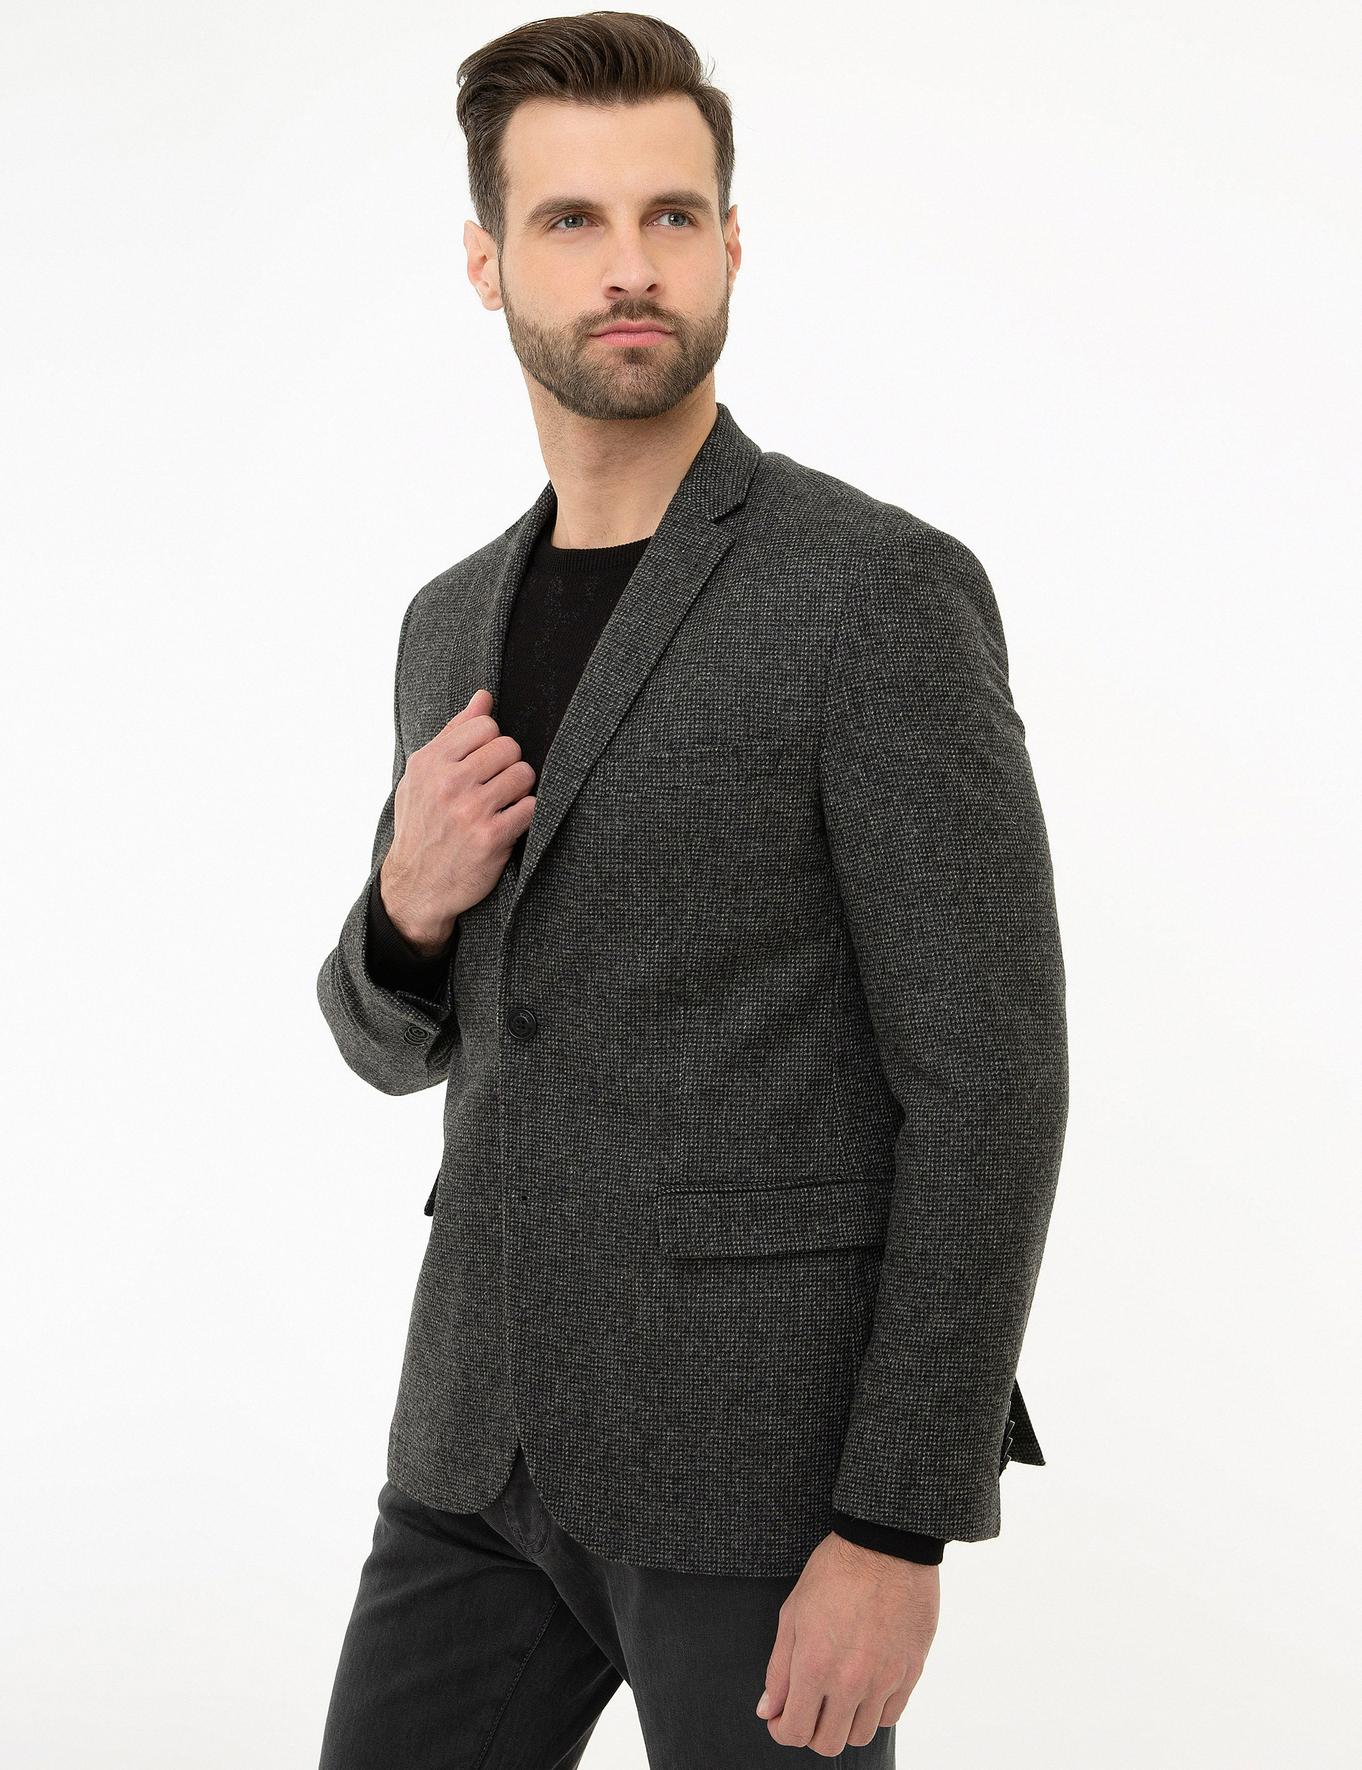 Füme Slim Fit Ceket